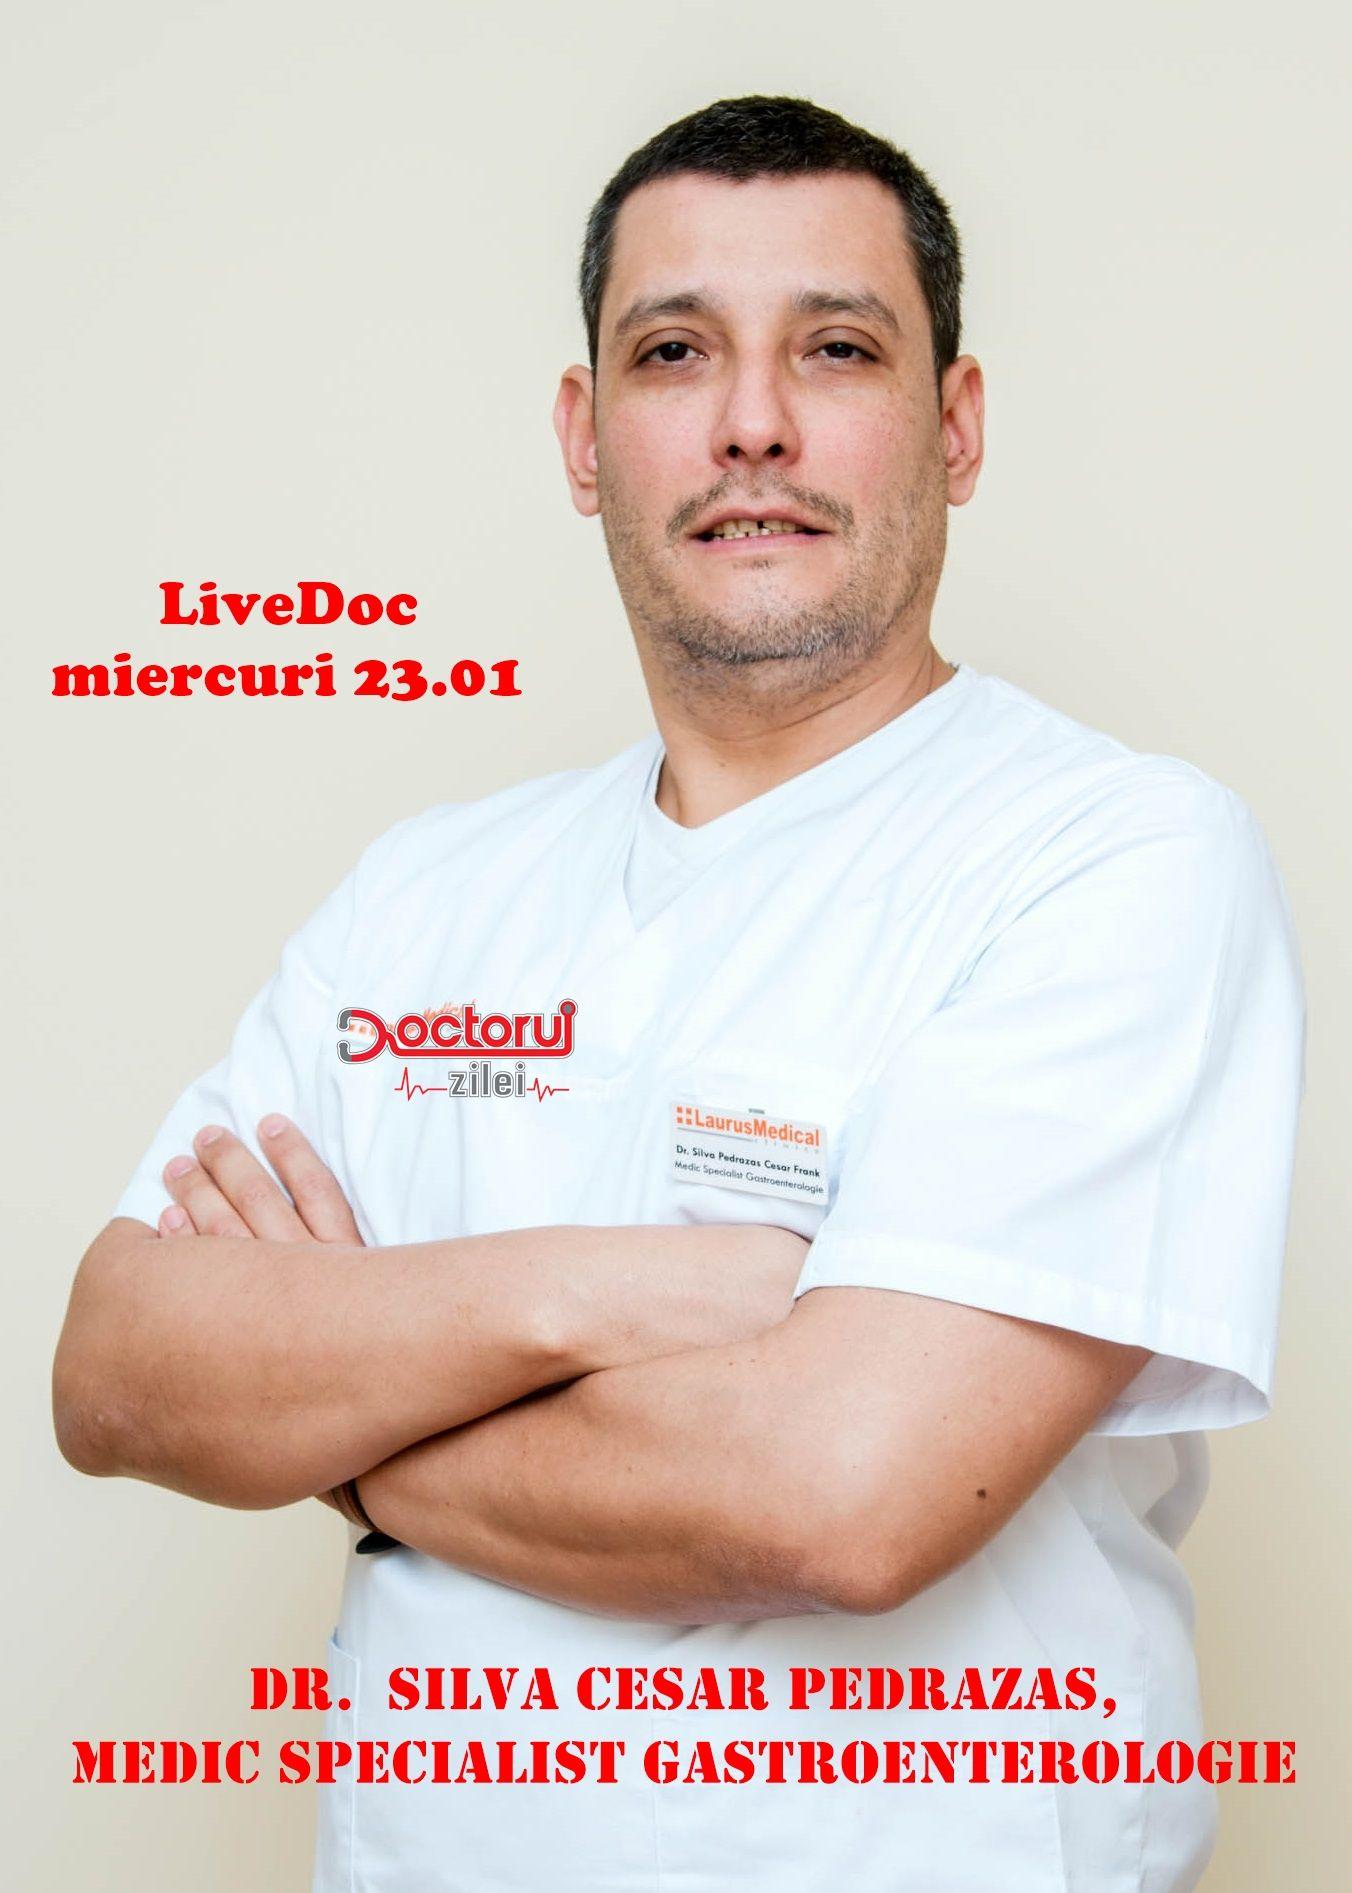 LiveDoc cu dr. Silva Cesar Pedrazas. Ce este colonoscopia, procedura medicală care îți poate salva viața